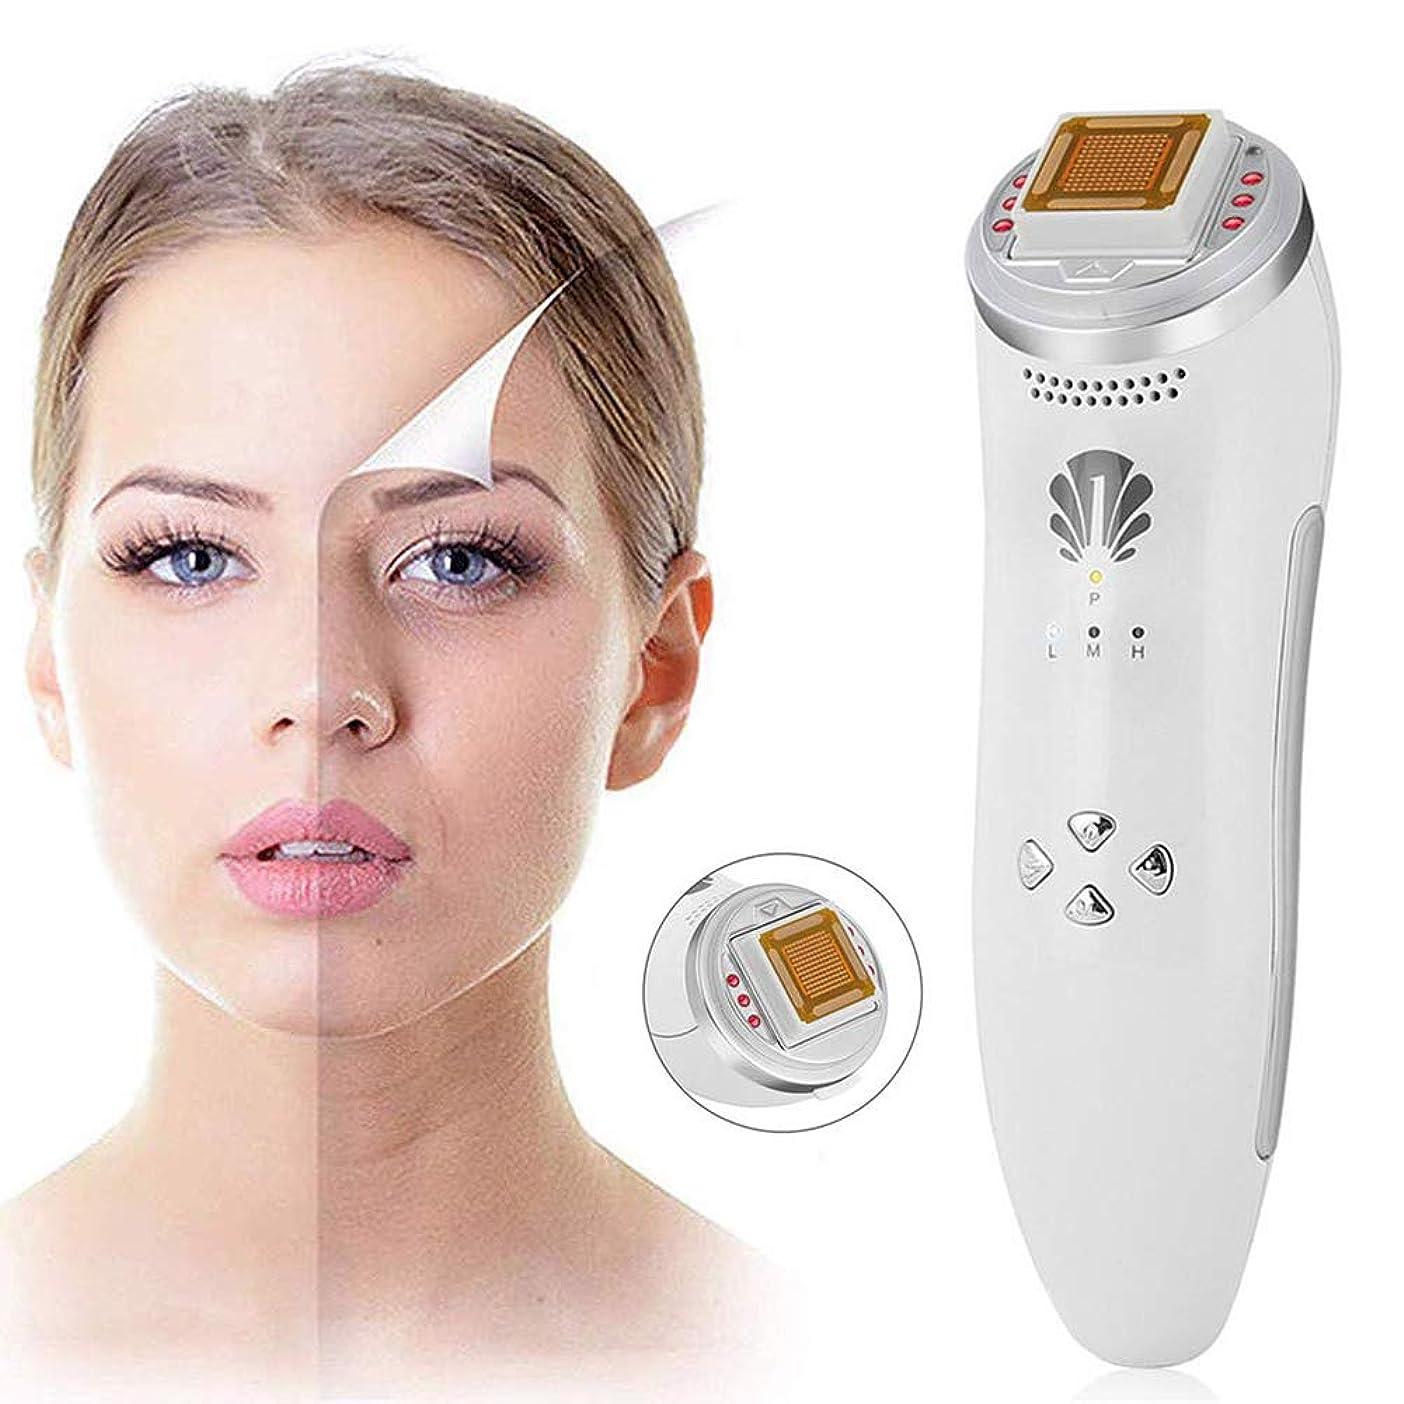 情緒的懺悔薬しわのためのフェイスリフト装置の皮のきつく締まる機械は顔のマッサージャー多機能のスキンケアの美の器械を取除きます